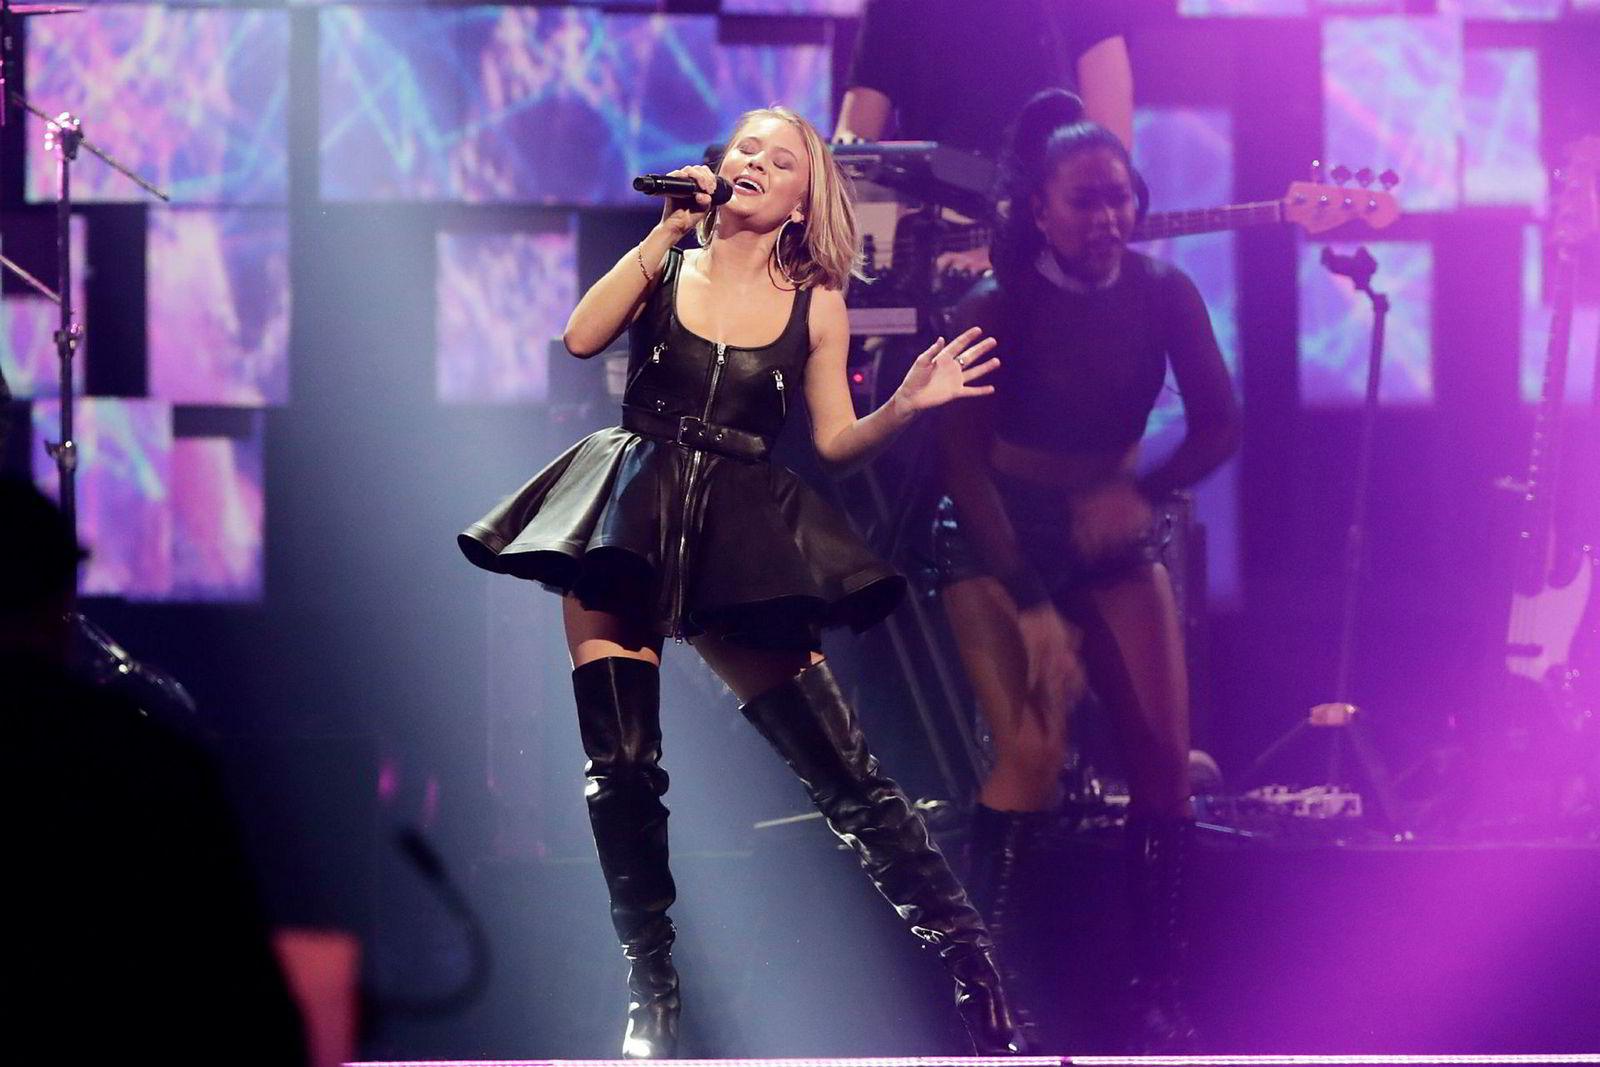 Den svenske popstjerne Zara Larsson var fløyet inn for å synge for John Fredriksen. Hun fremførte blant annet superhiten «Symphony».